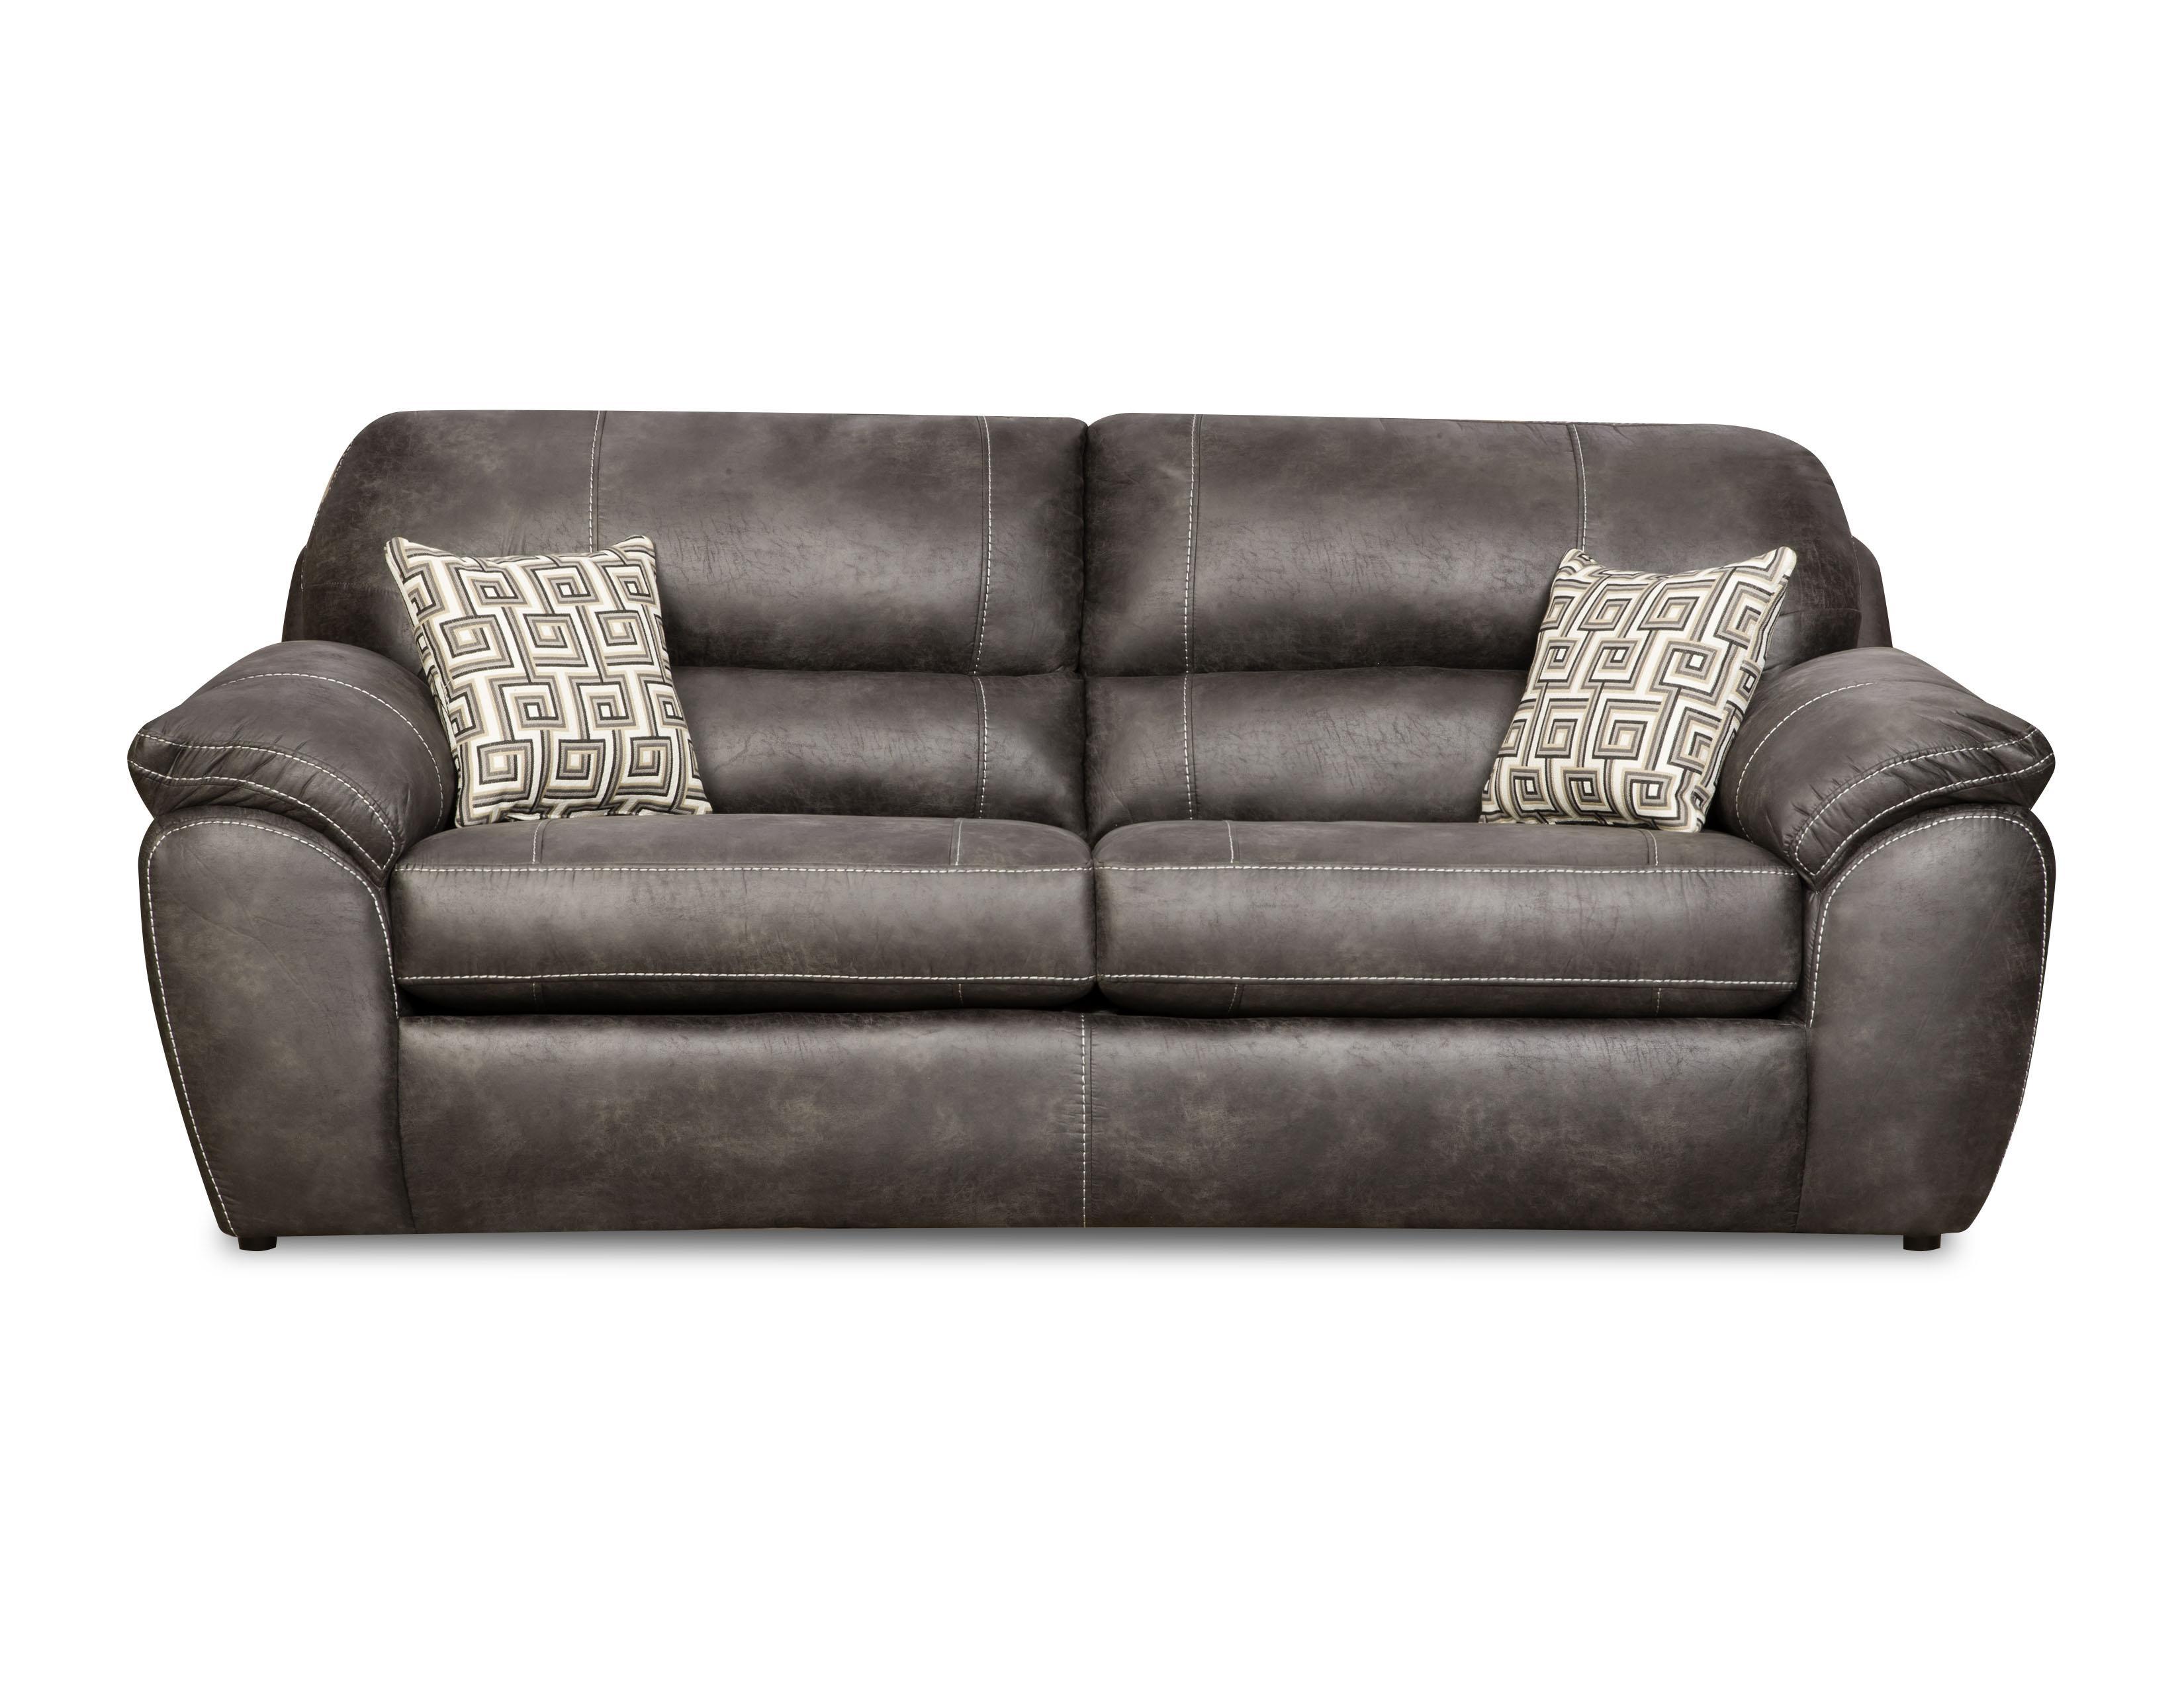 Corinthian Ulysses Charcoal Ulysses Charcoal Sofa - Item Number: 18B3